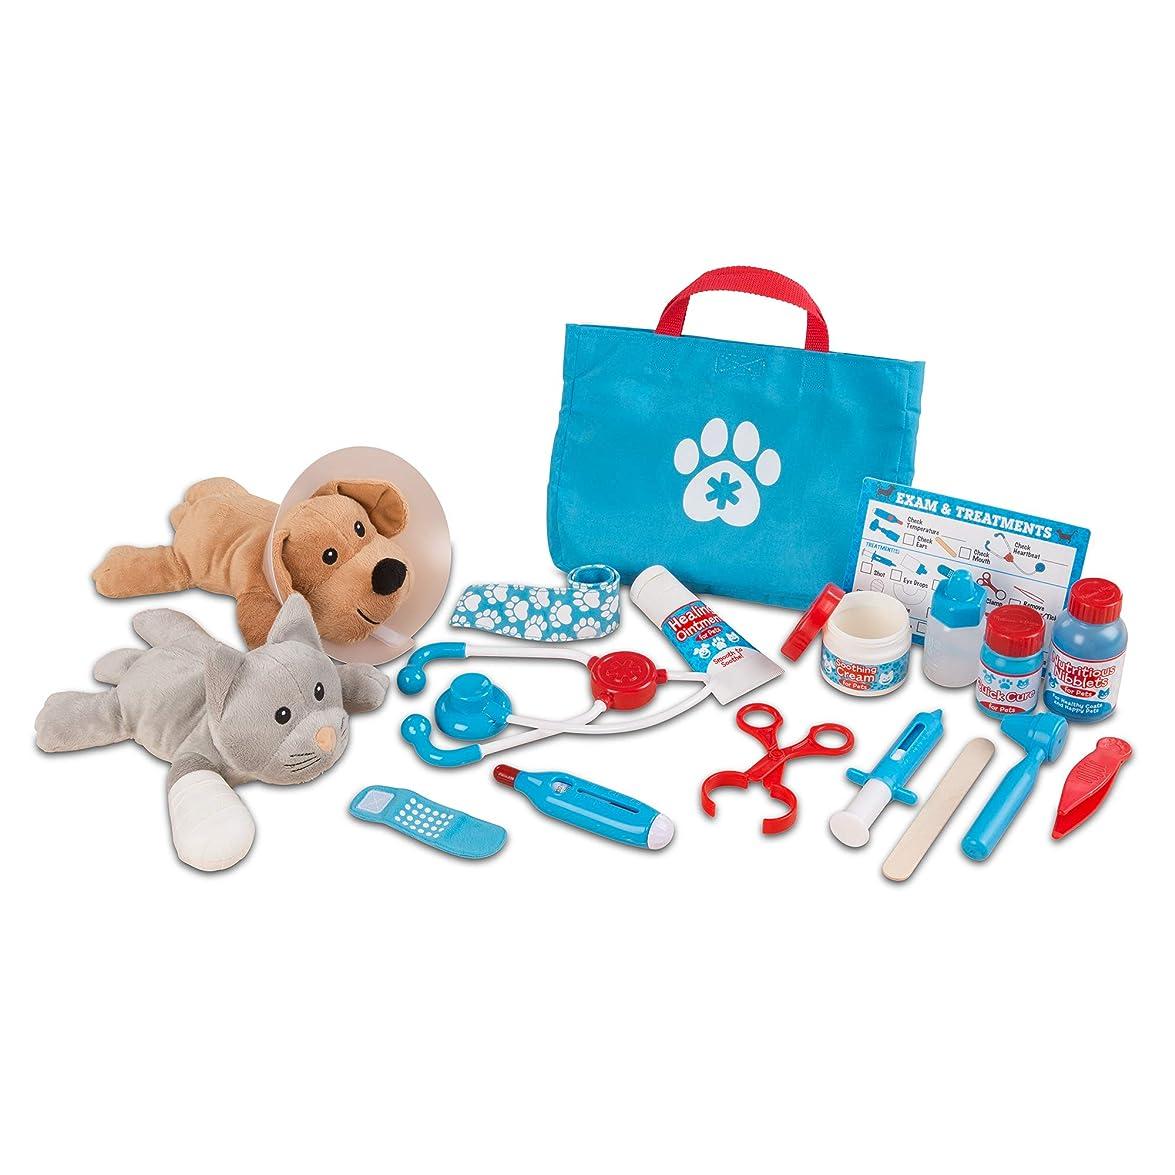 孤独なマニュアルハーフメリッサ&ダグ(Melissa&Doug) 動物のお医者さん ドクターセット 獣医 ごっこ遊び おもちゃ 8520 正規品